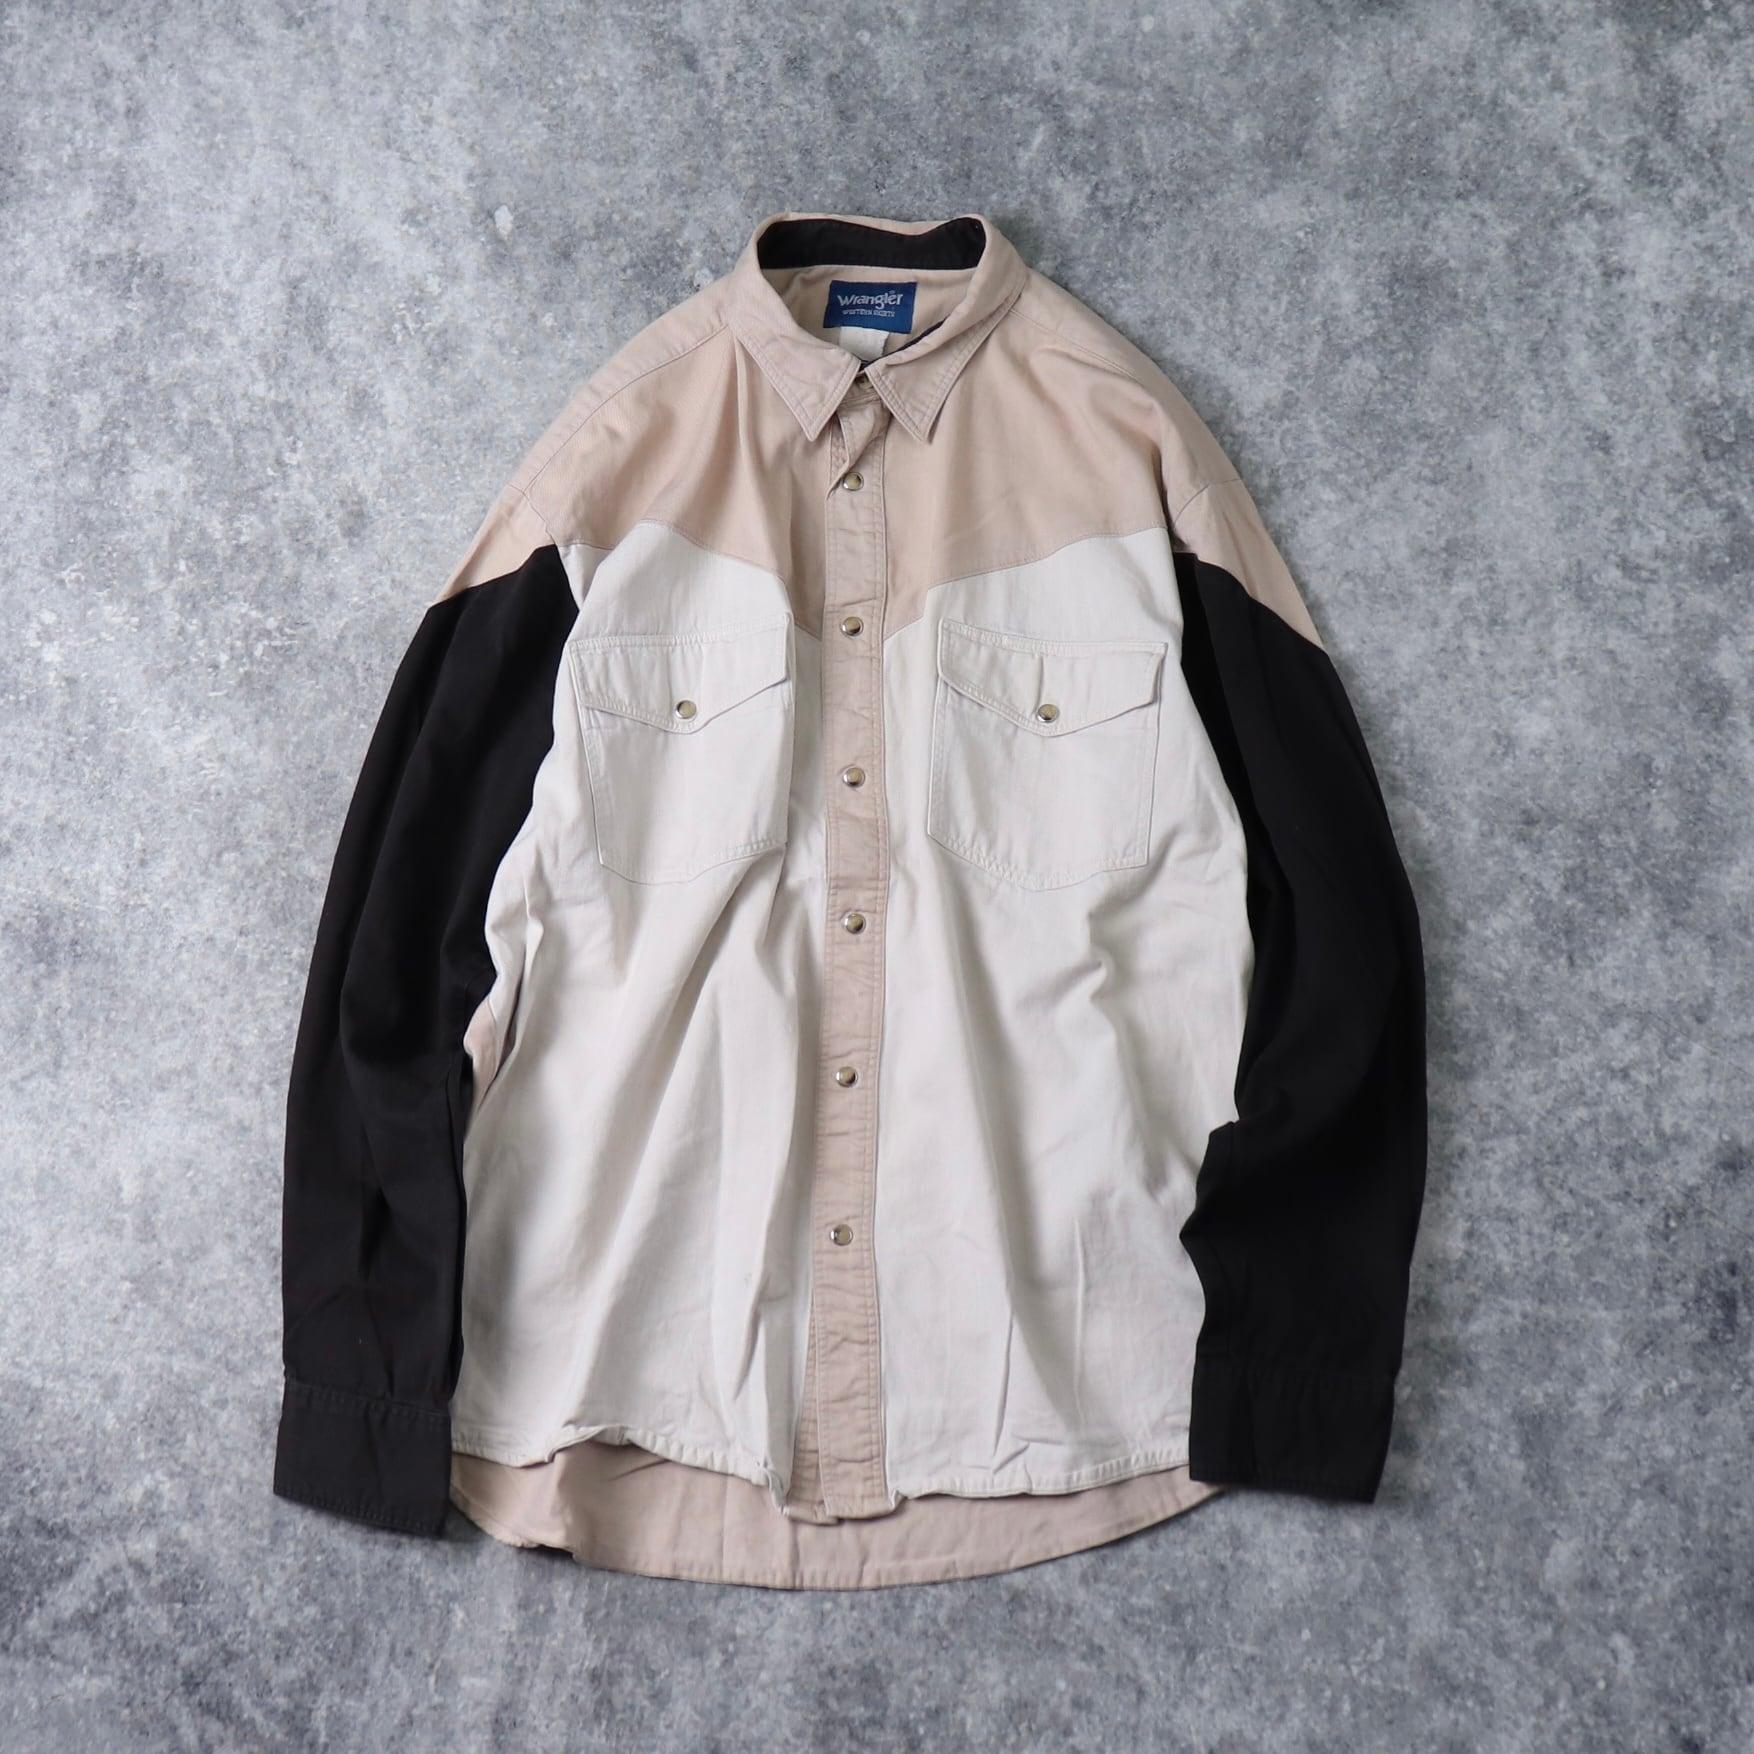 """90年代 """" Wrangler """" ラングラー ウエスタンシャツ クレイジーパターン メンズXL 古着 A450"""